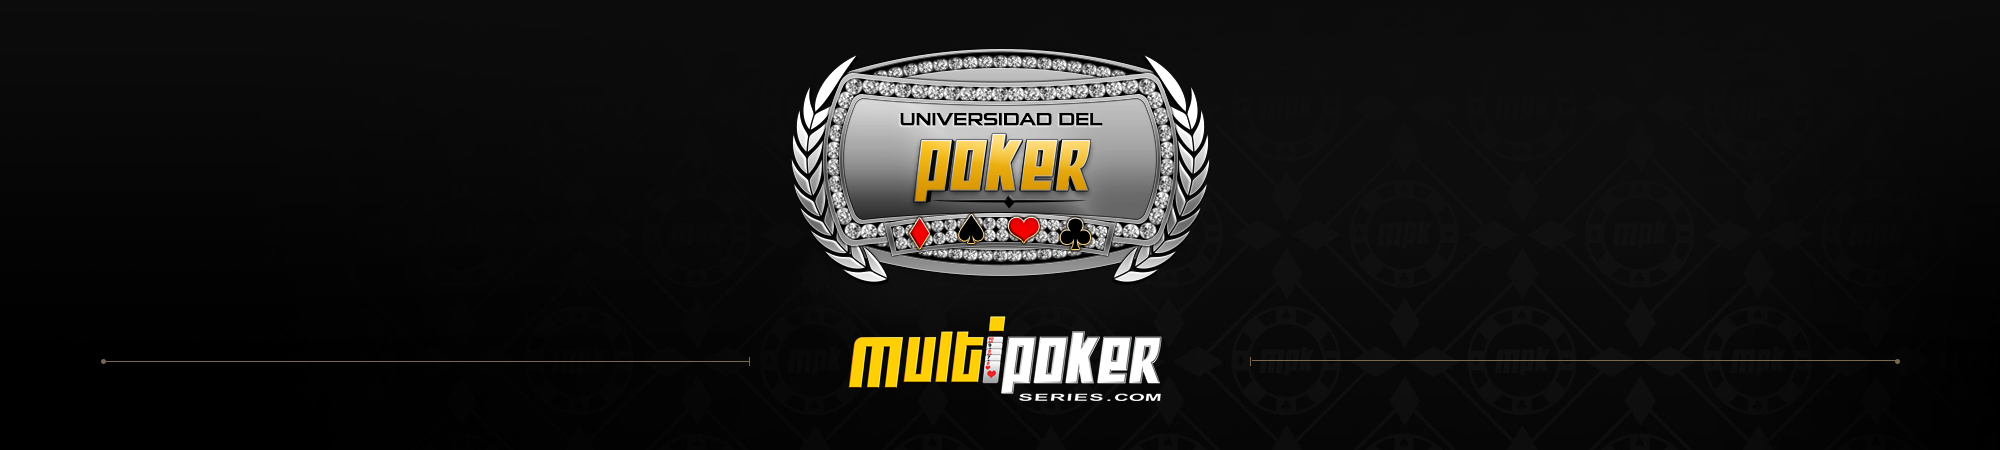 Universidad del Póker